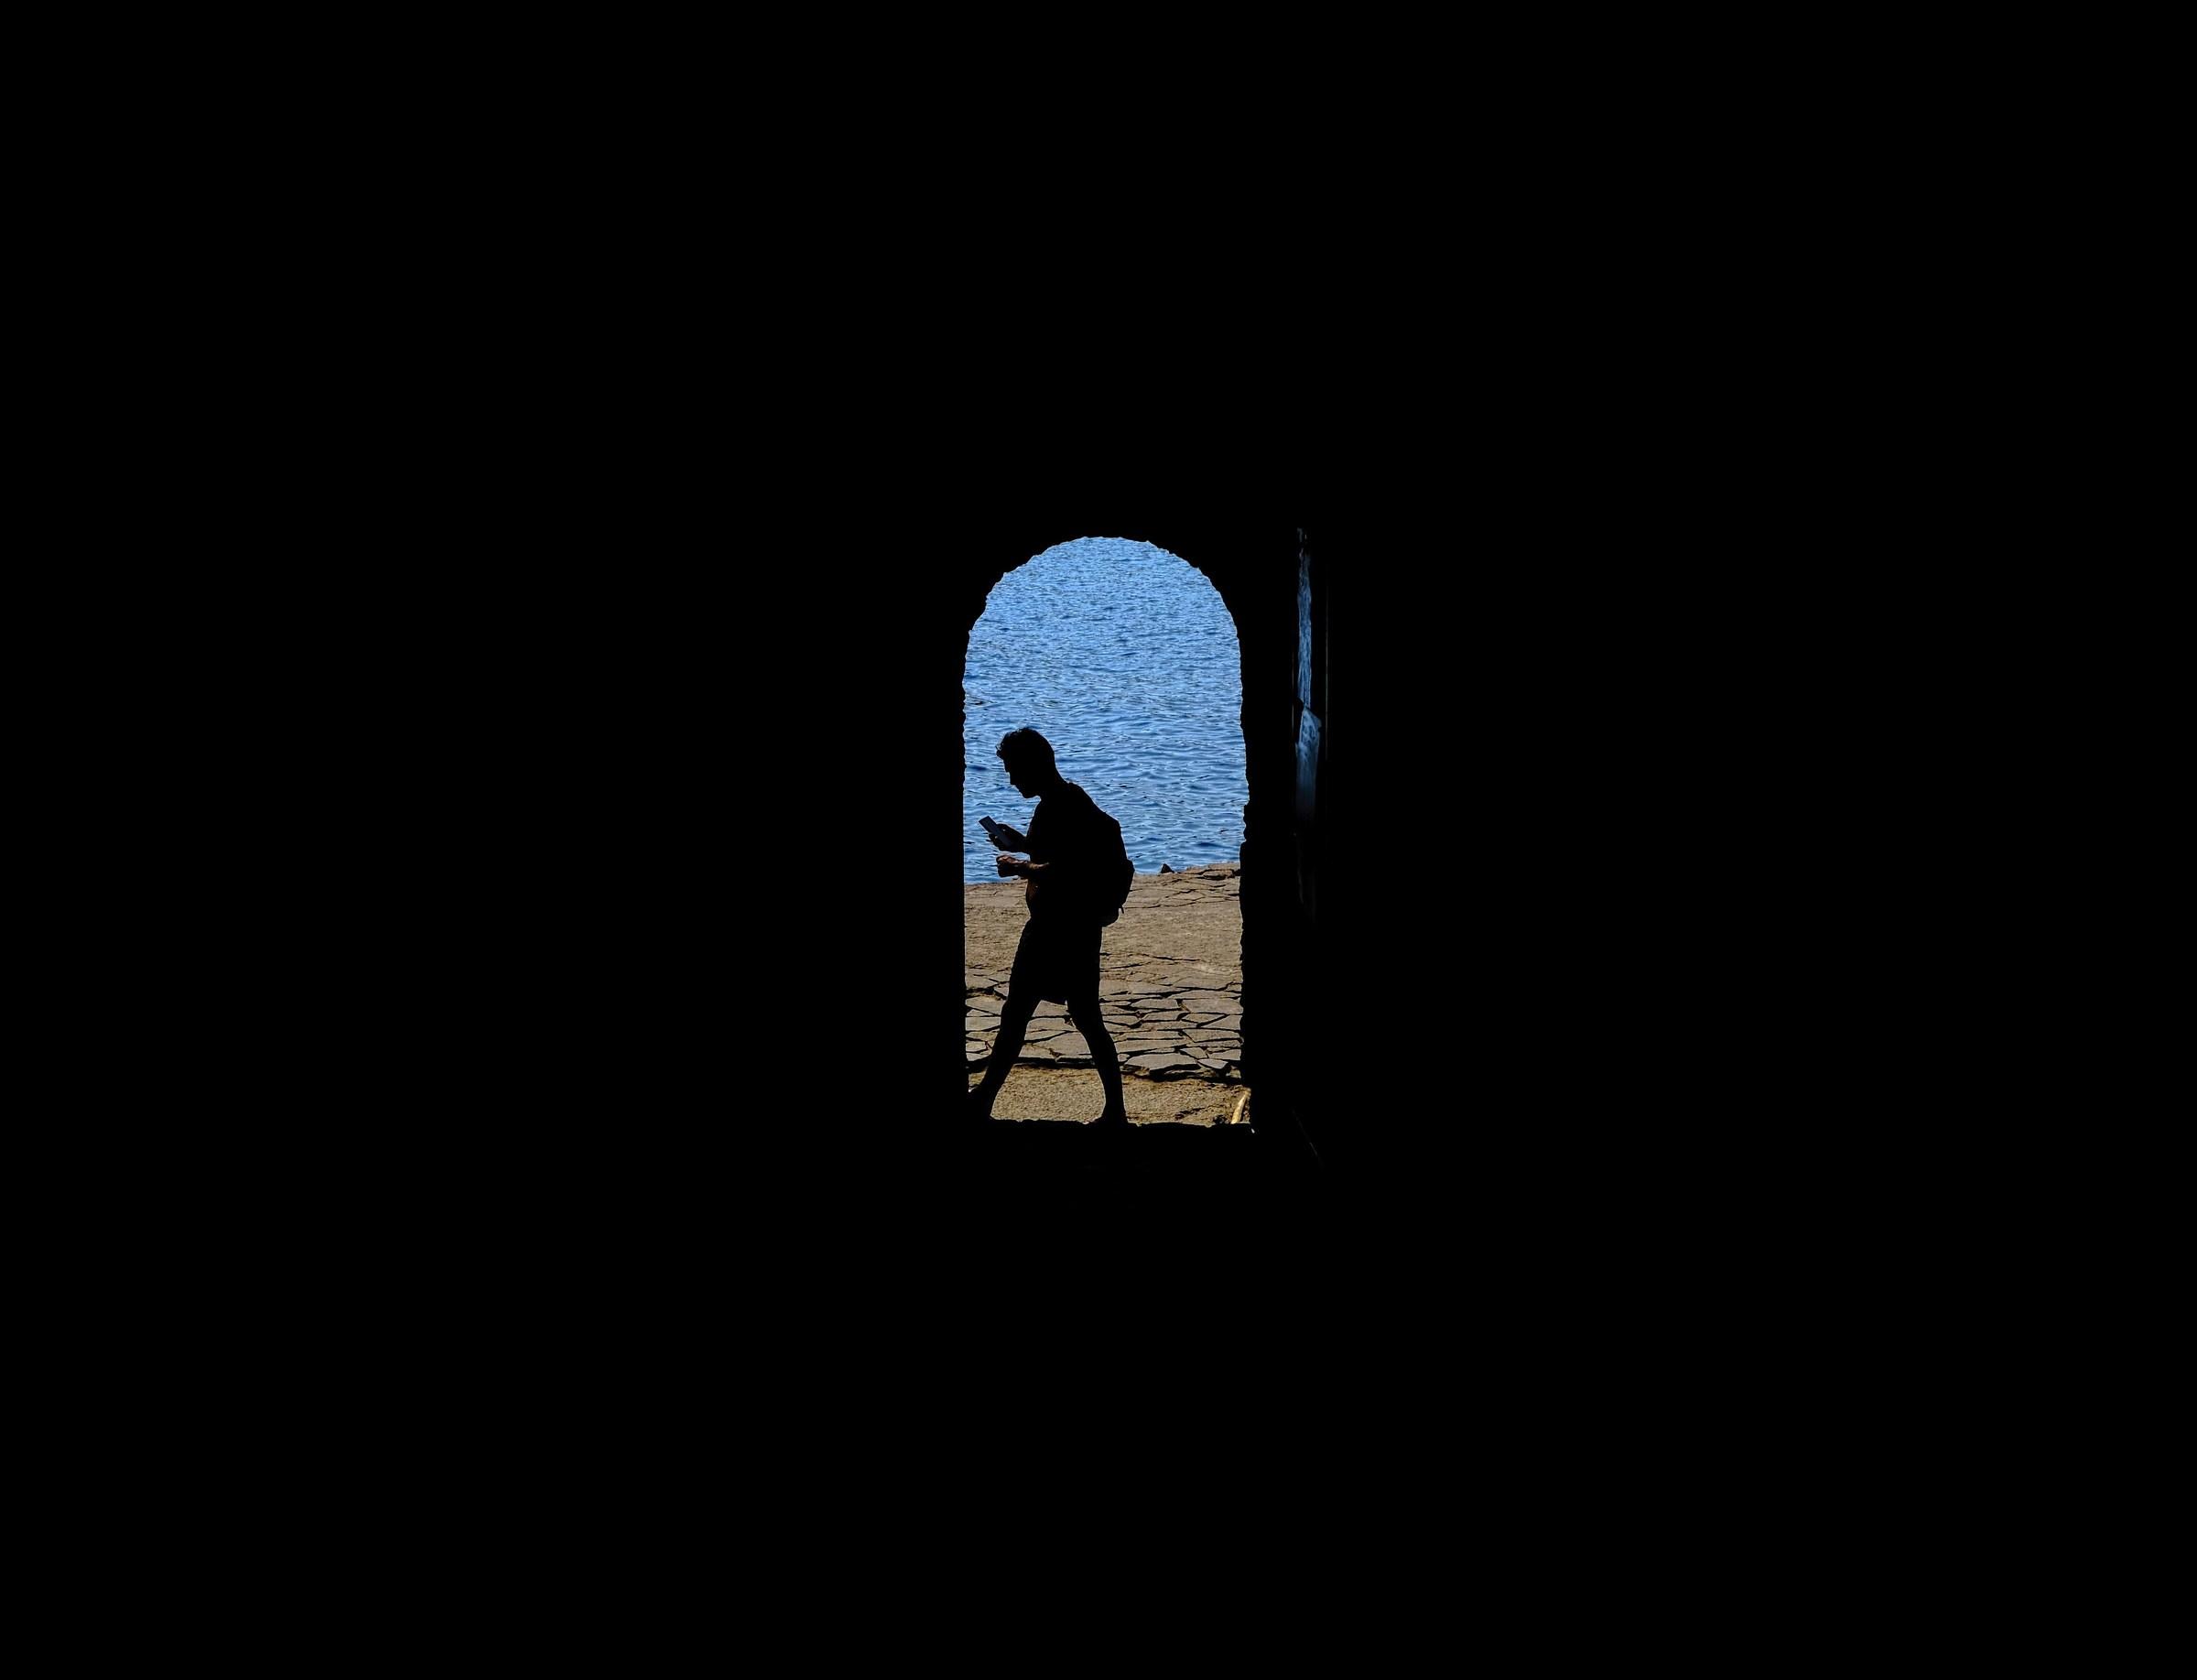 Peephole on the World ...